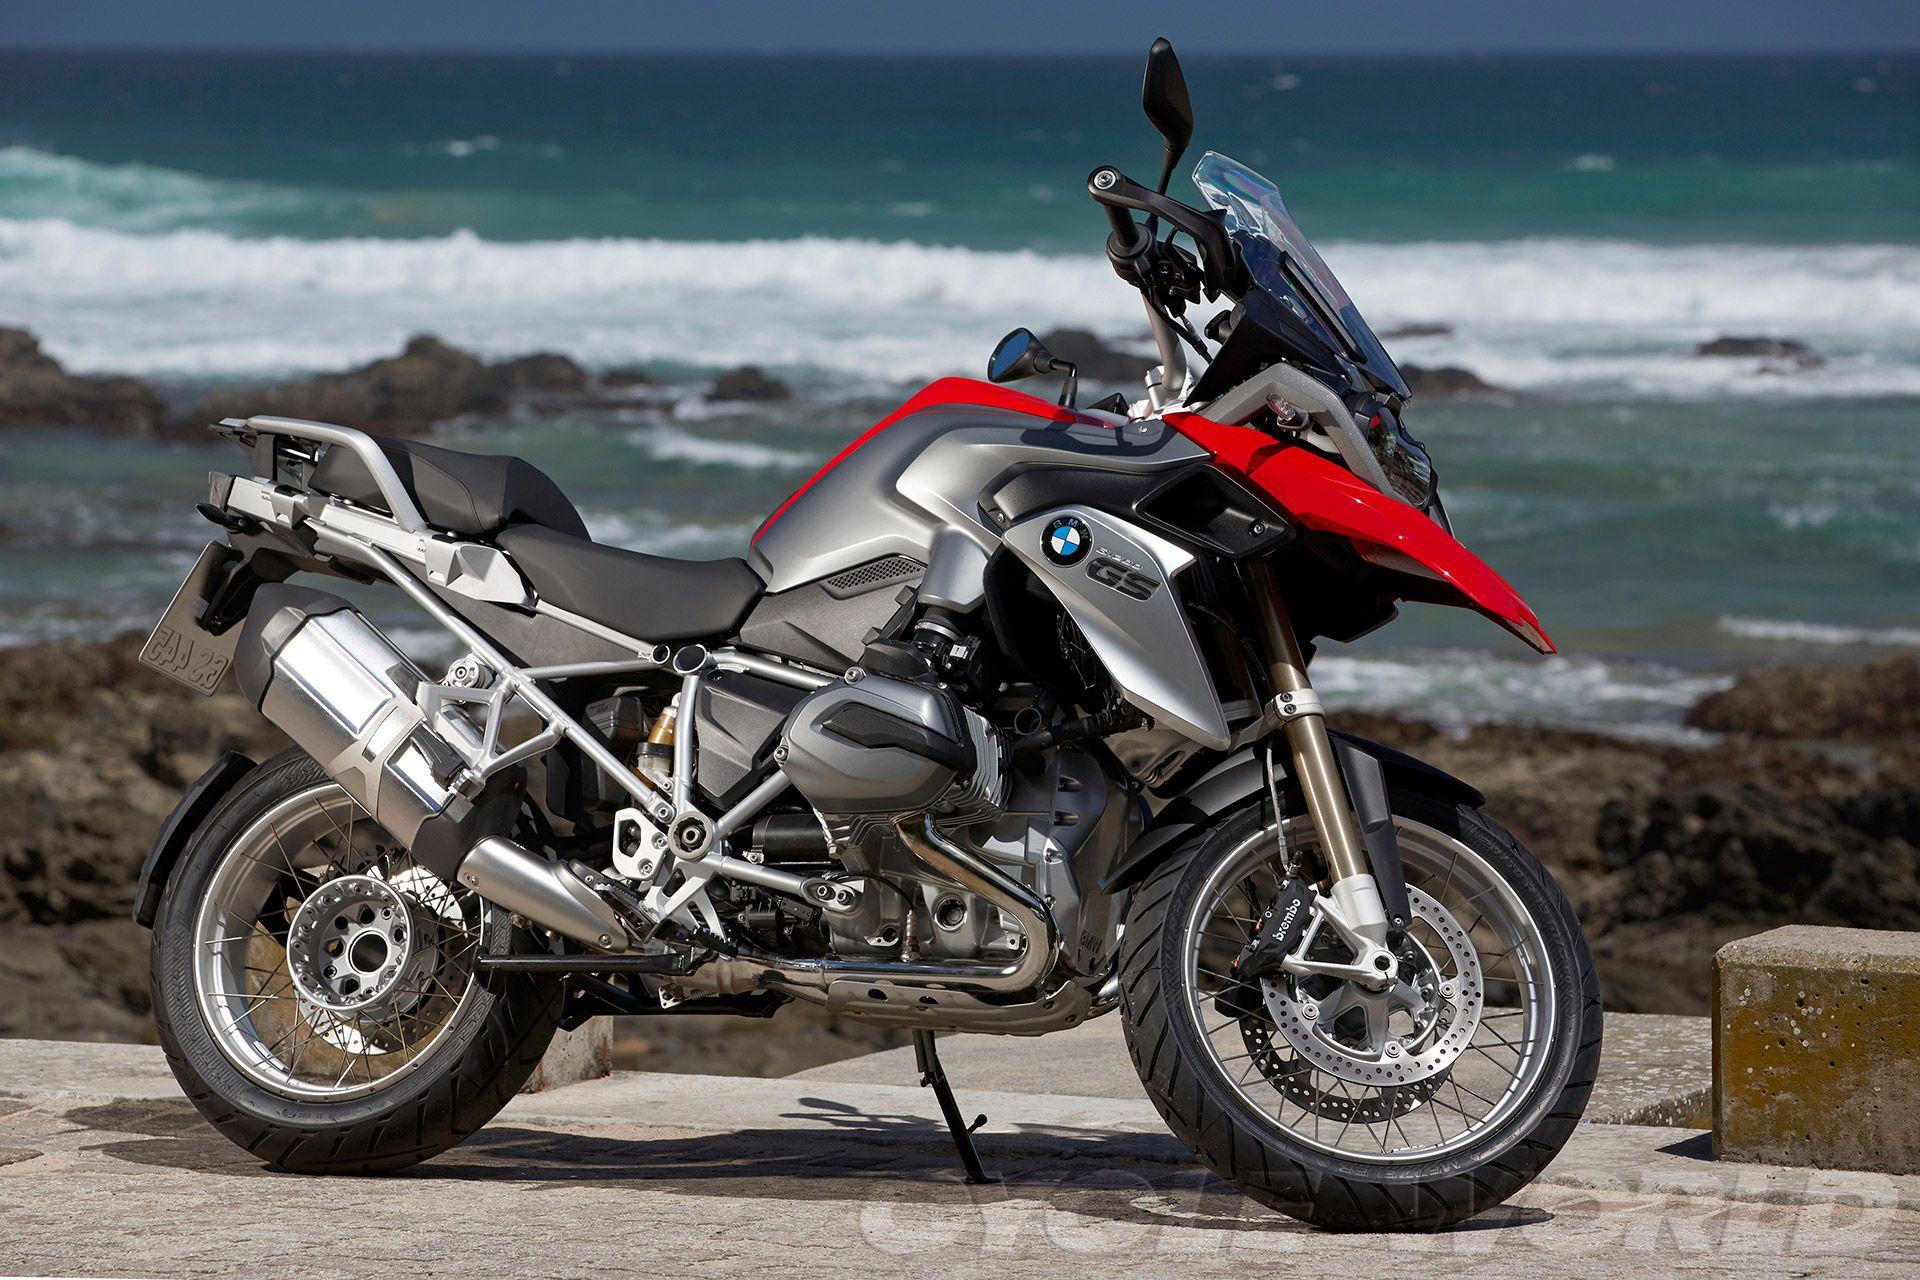 2015 Bmw R 1200 Gs Adventure Bike Bmw Bmw Gs 1200 Bmw Motorcycles